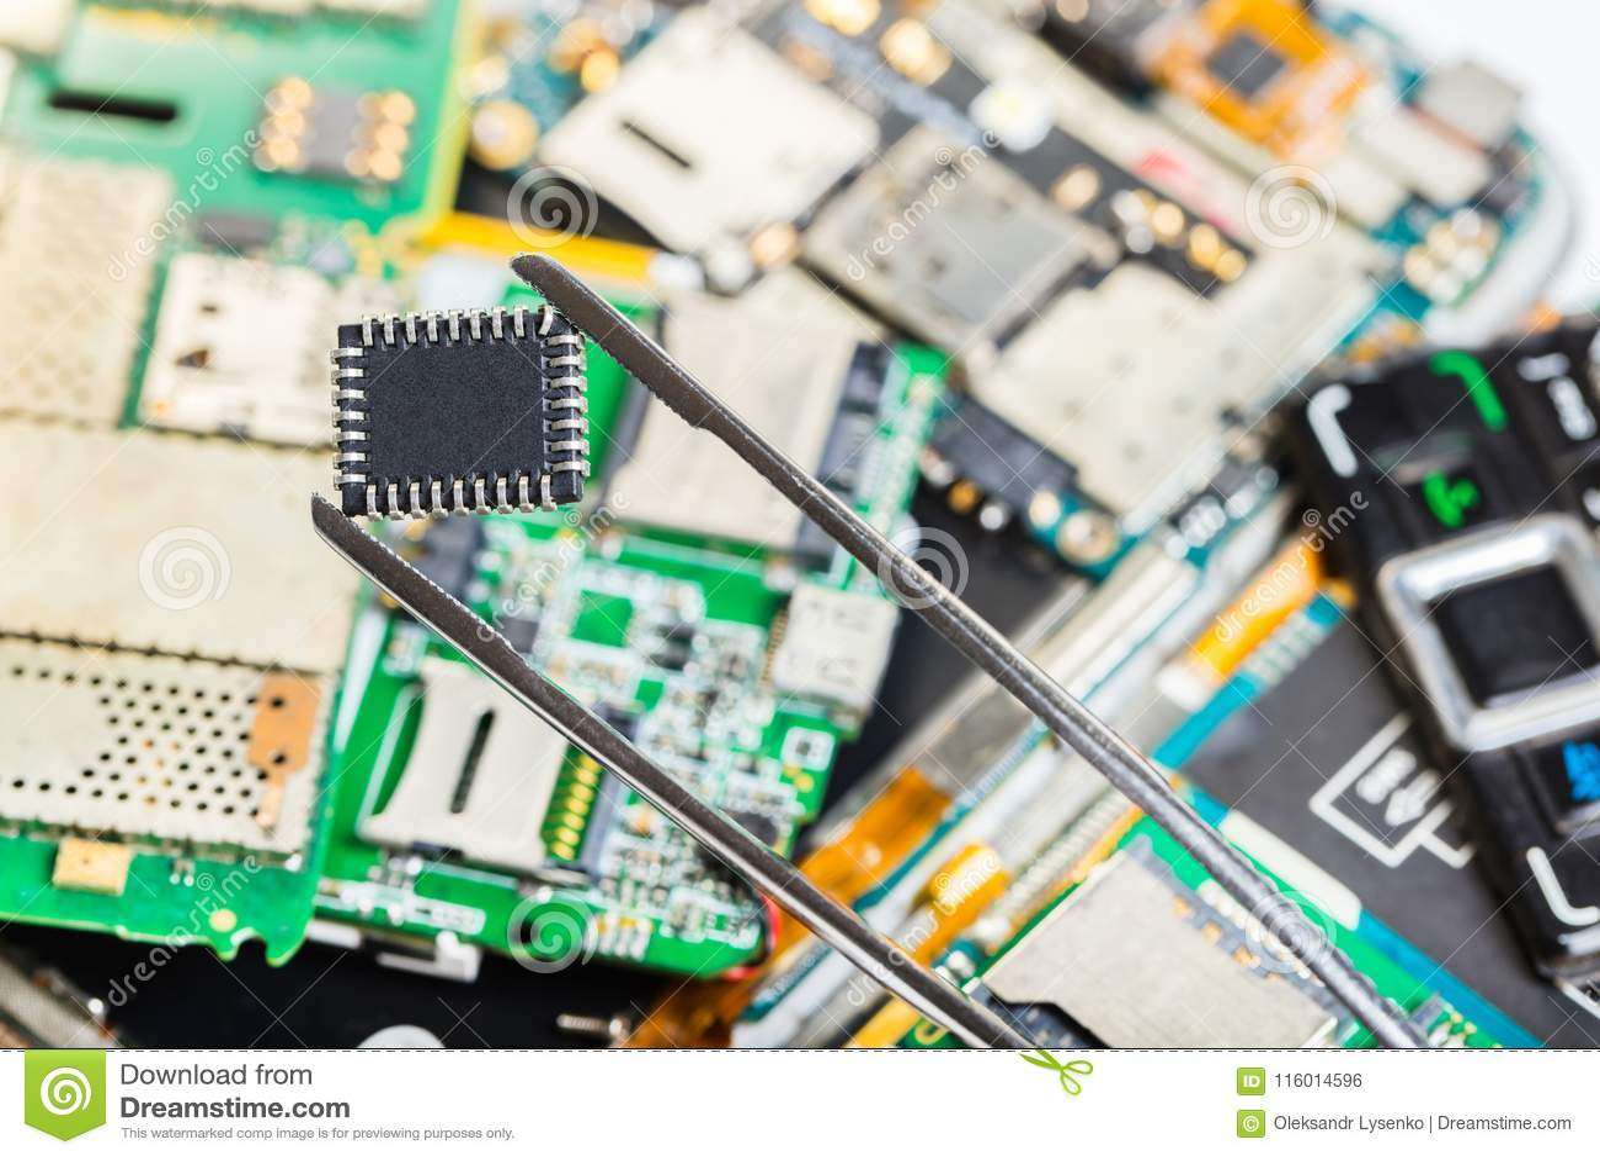 Puce électronique dans des brucelles